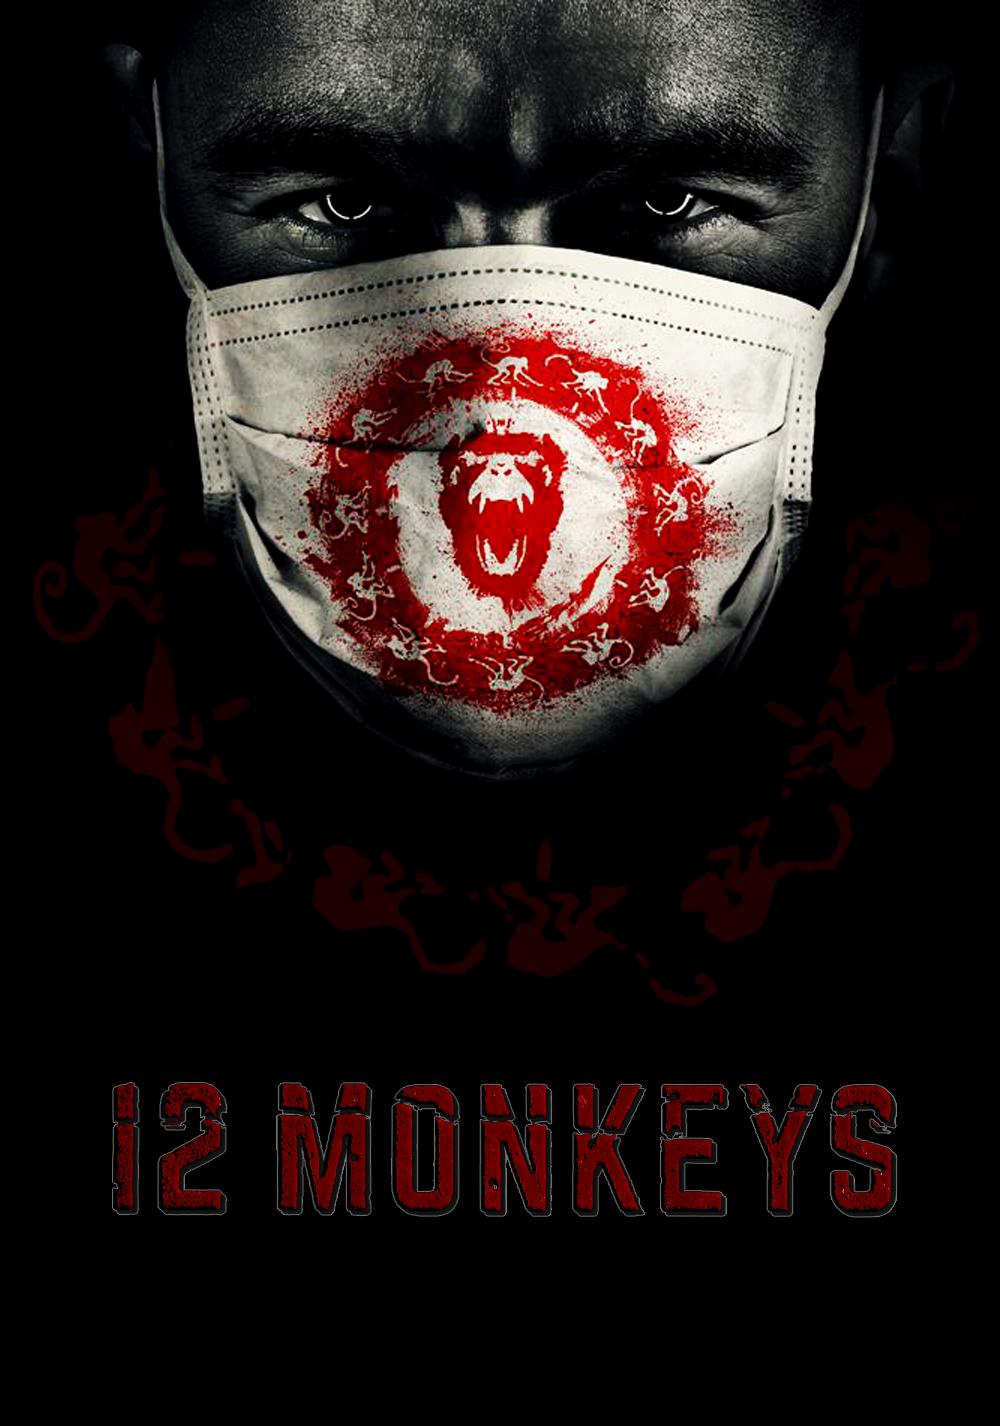 12-monkeys-54baa26439f6f.jpeg